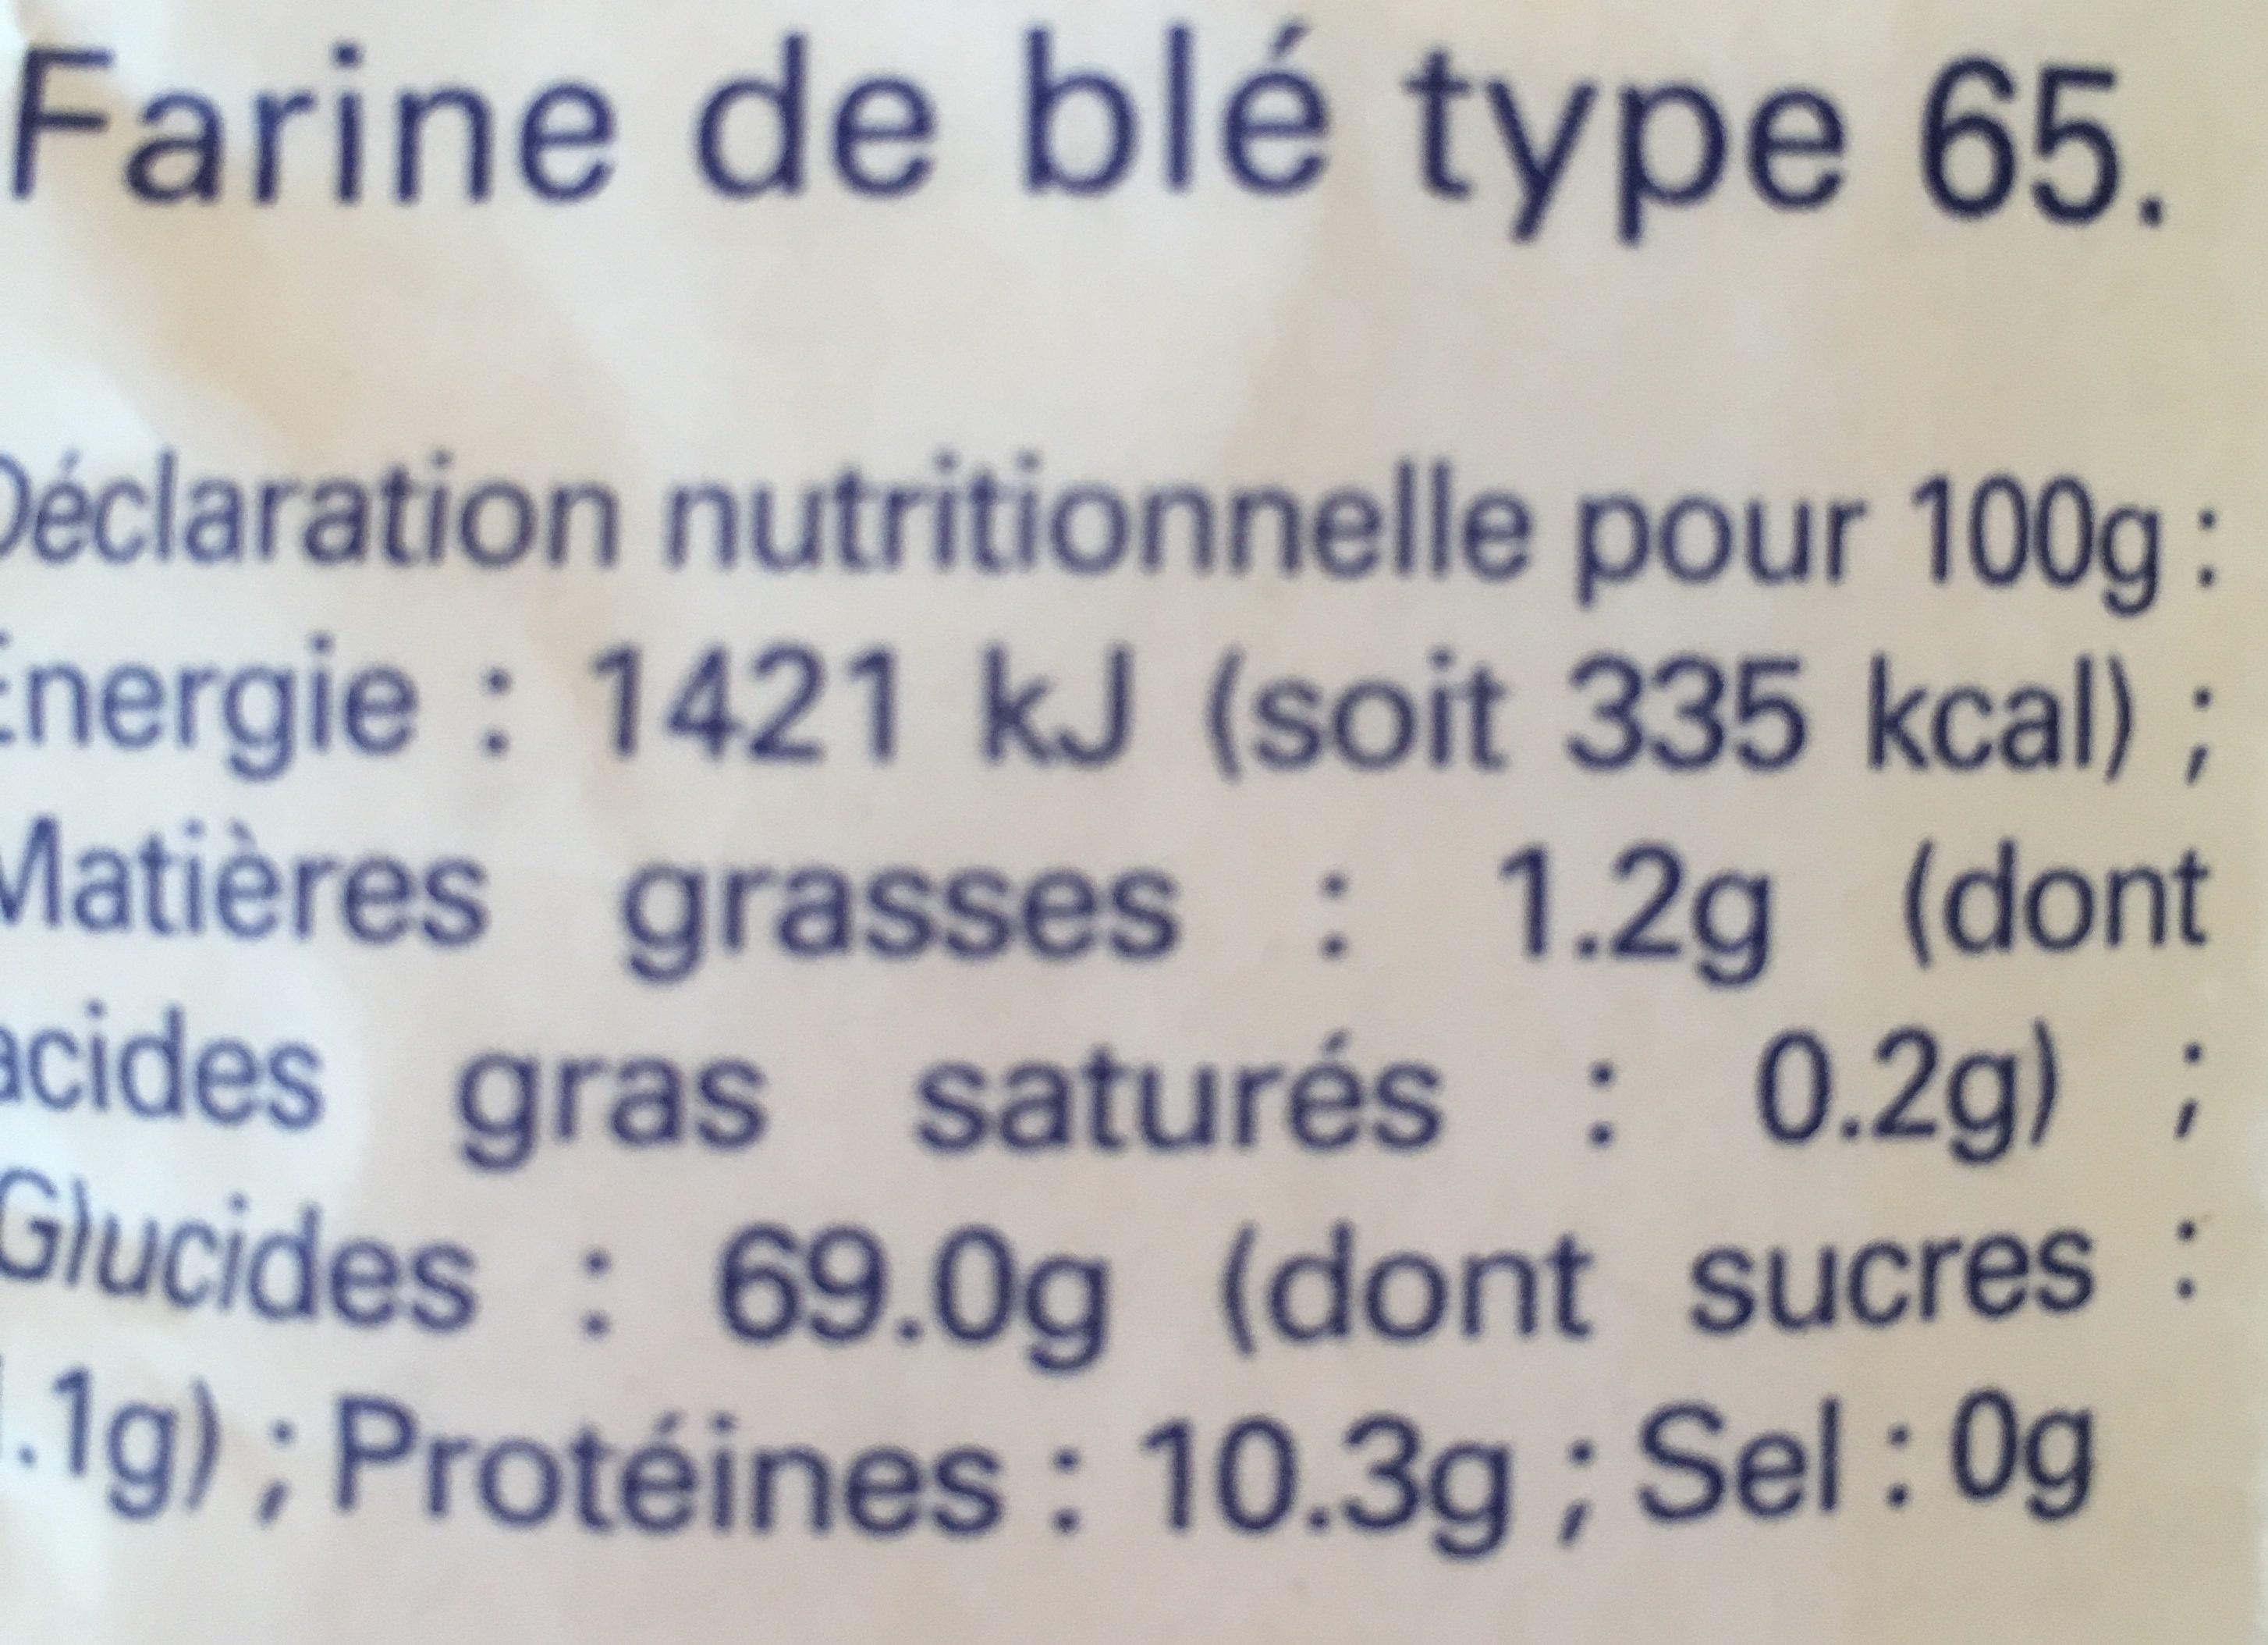 Farine de blé type 65 - Ingredients